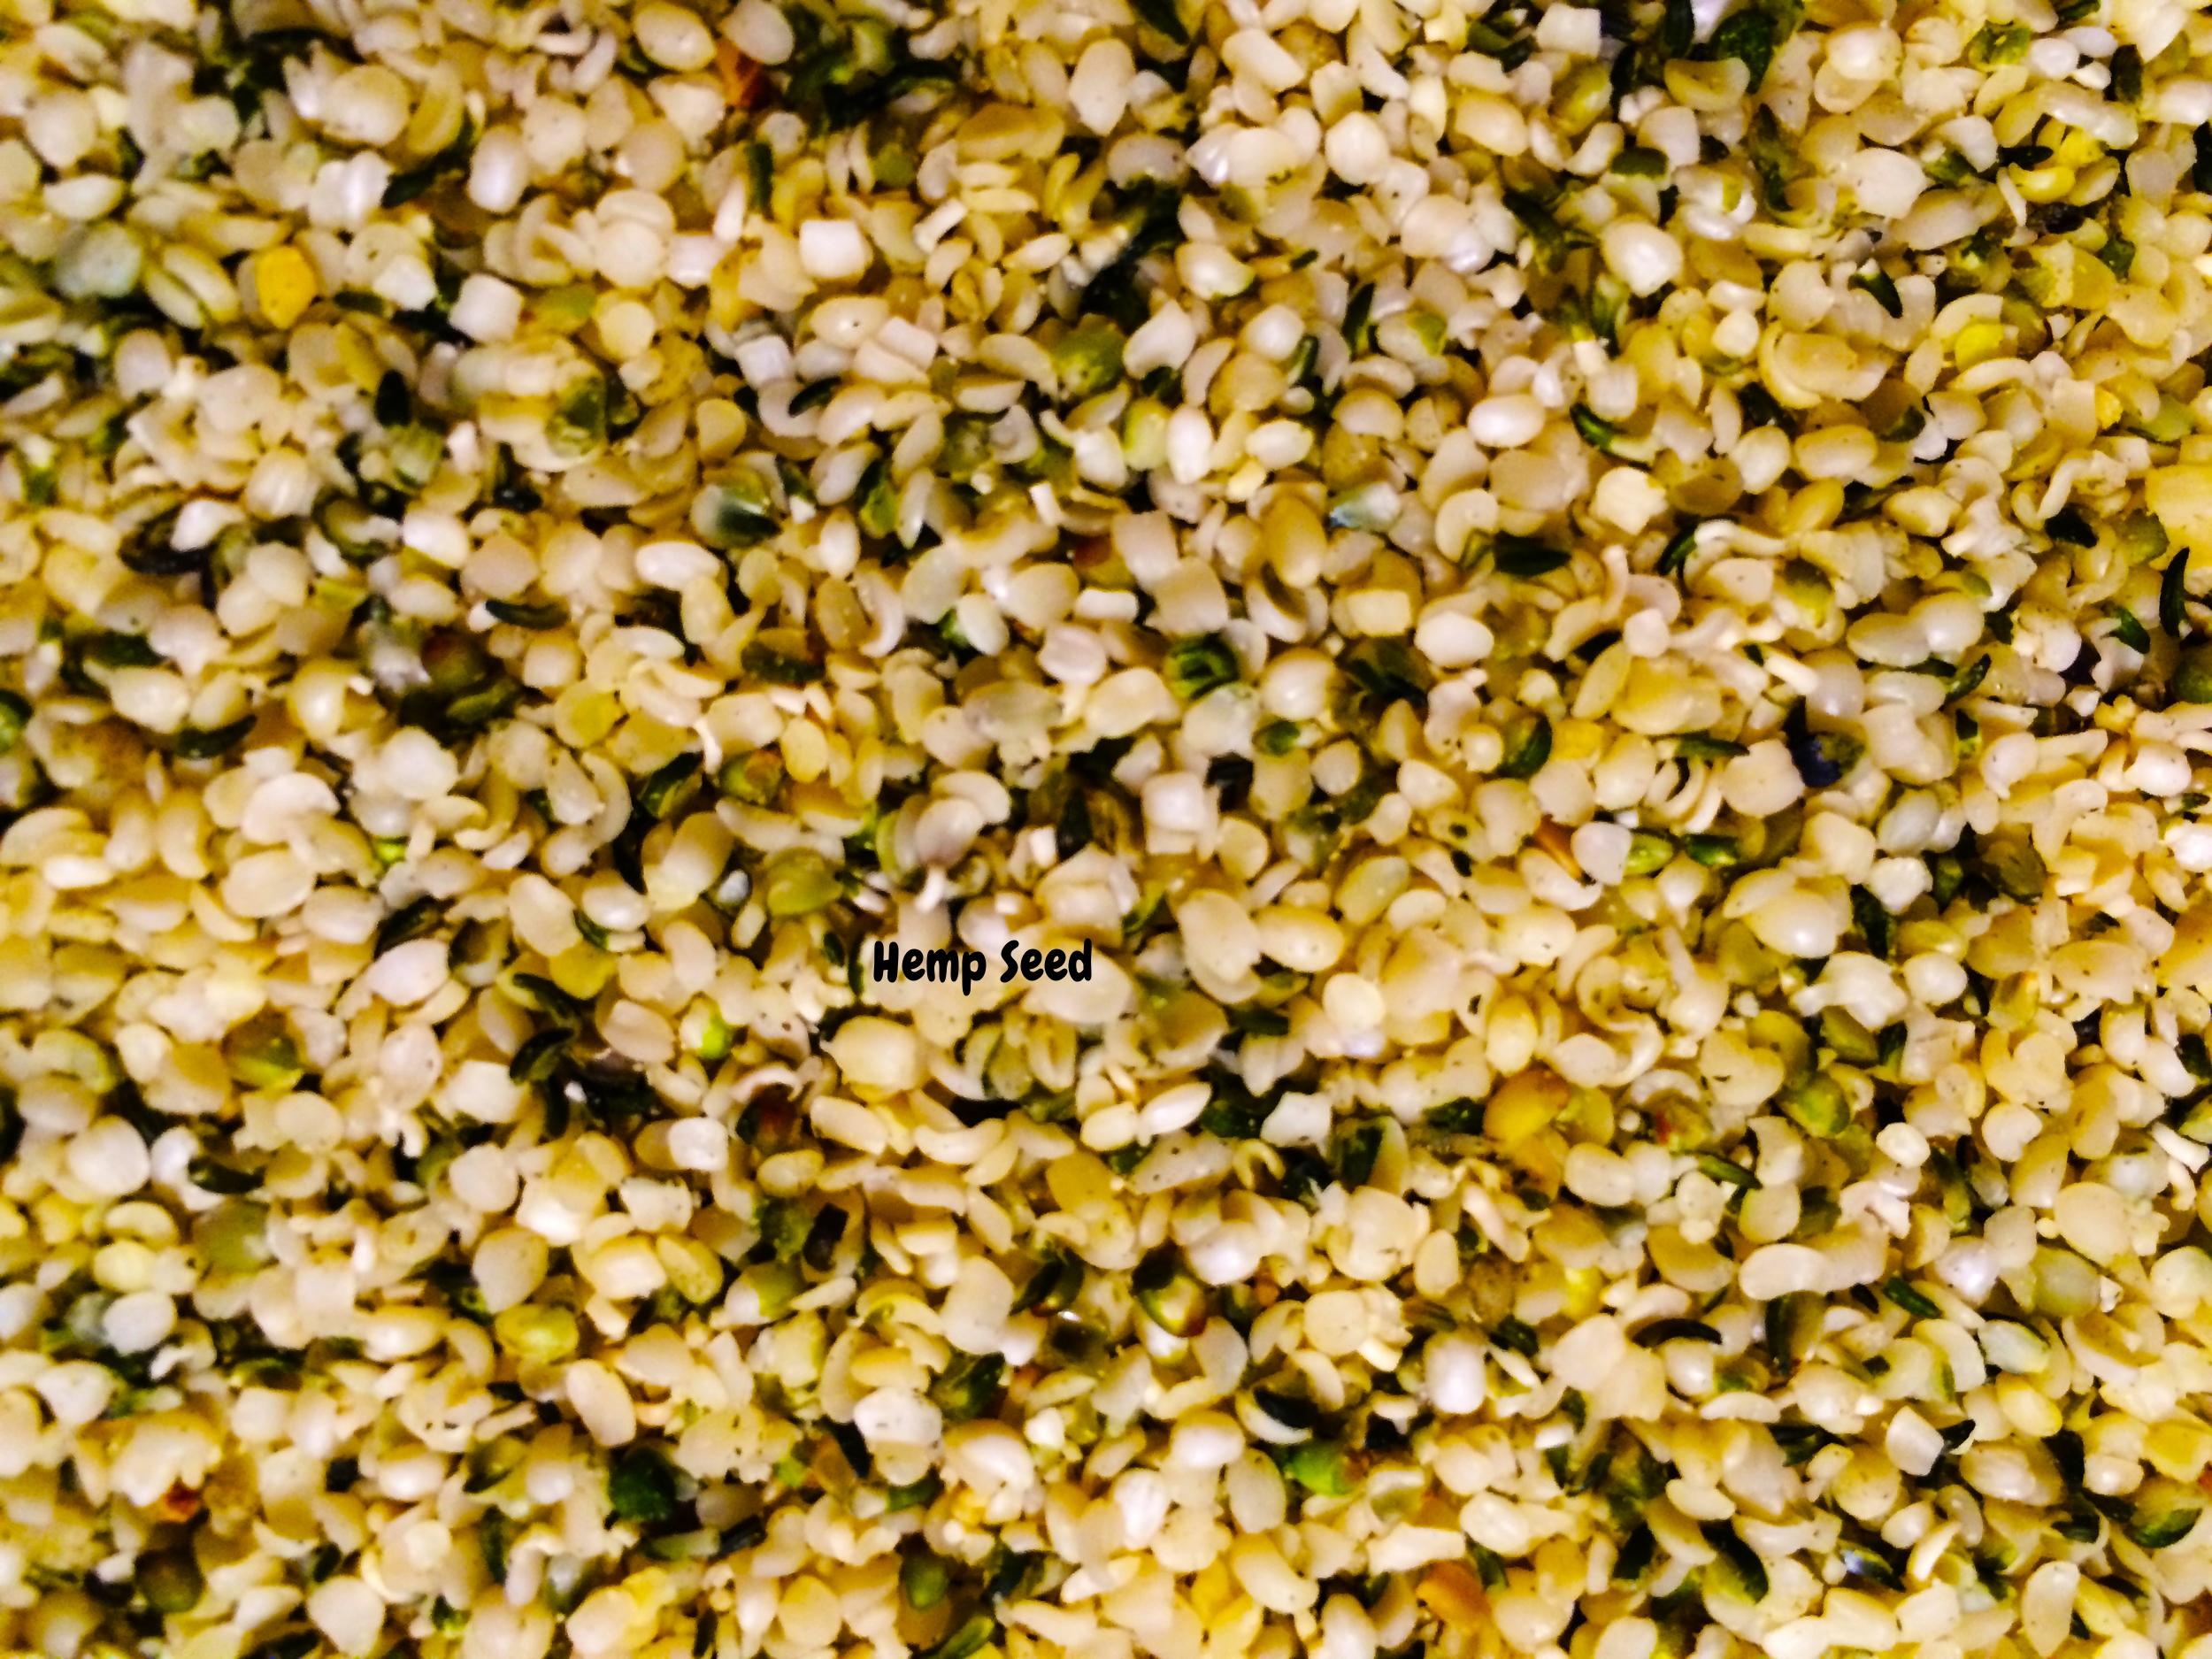 Hemp Seed.jpg